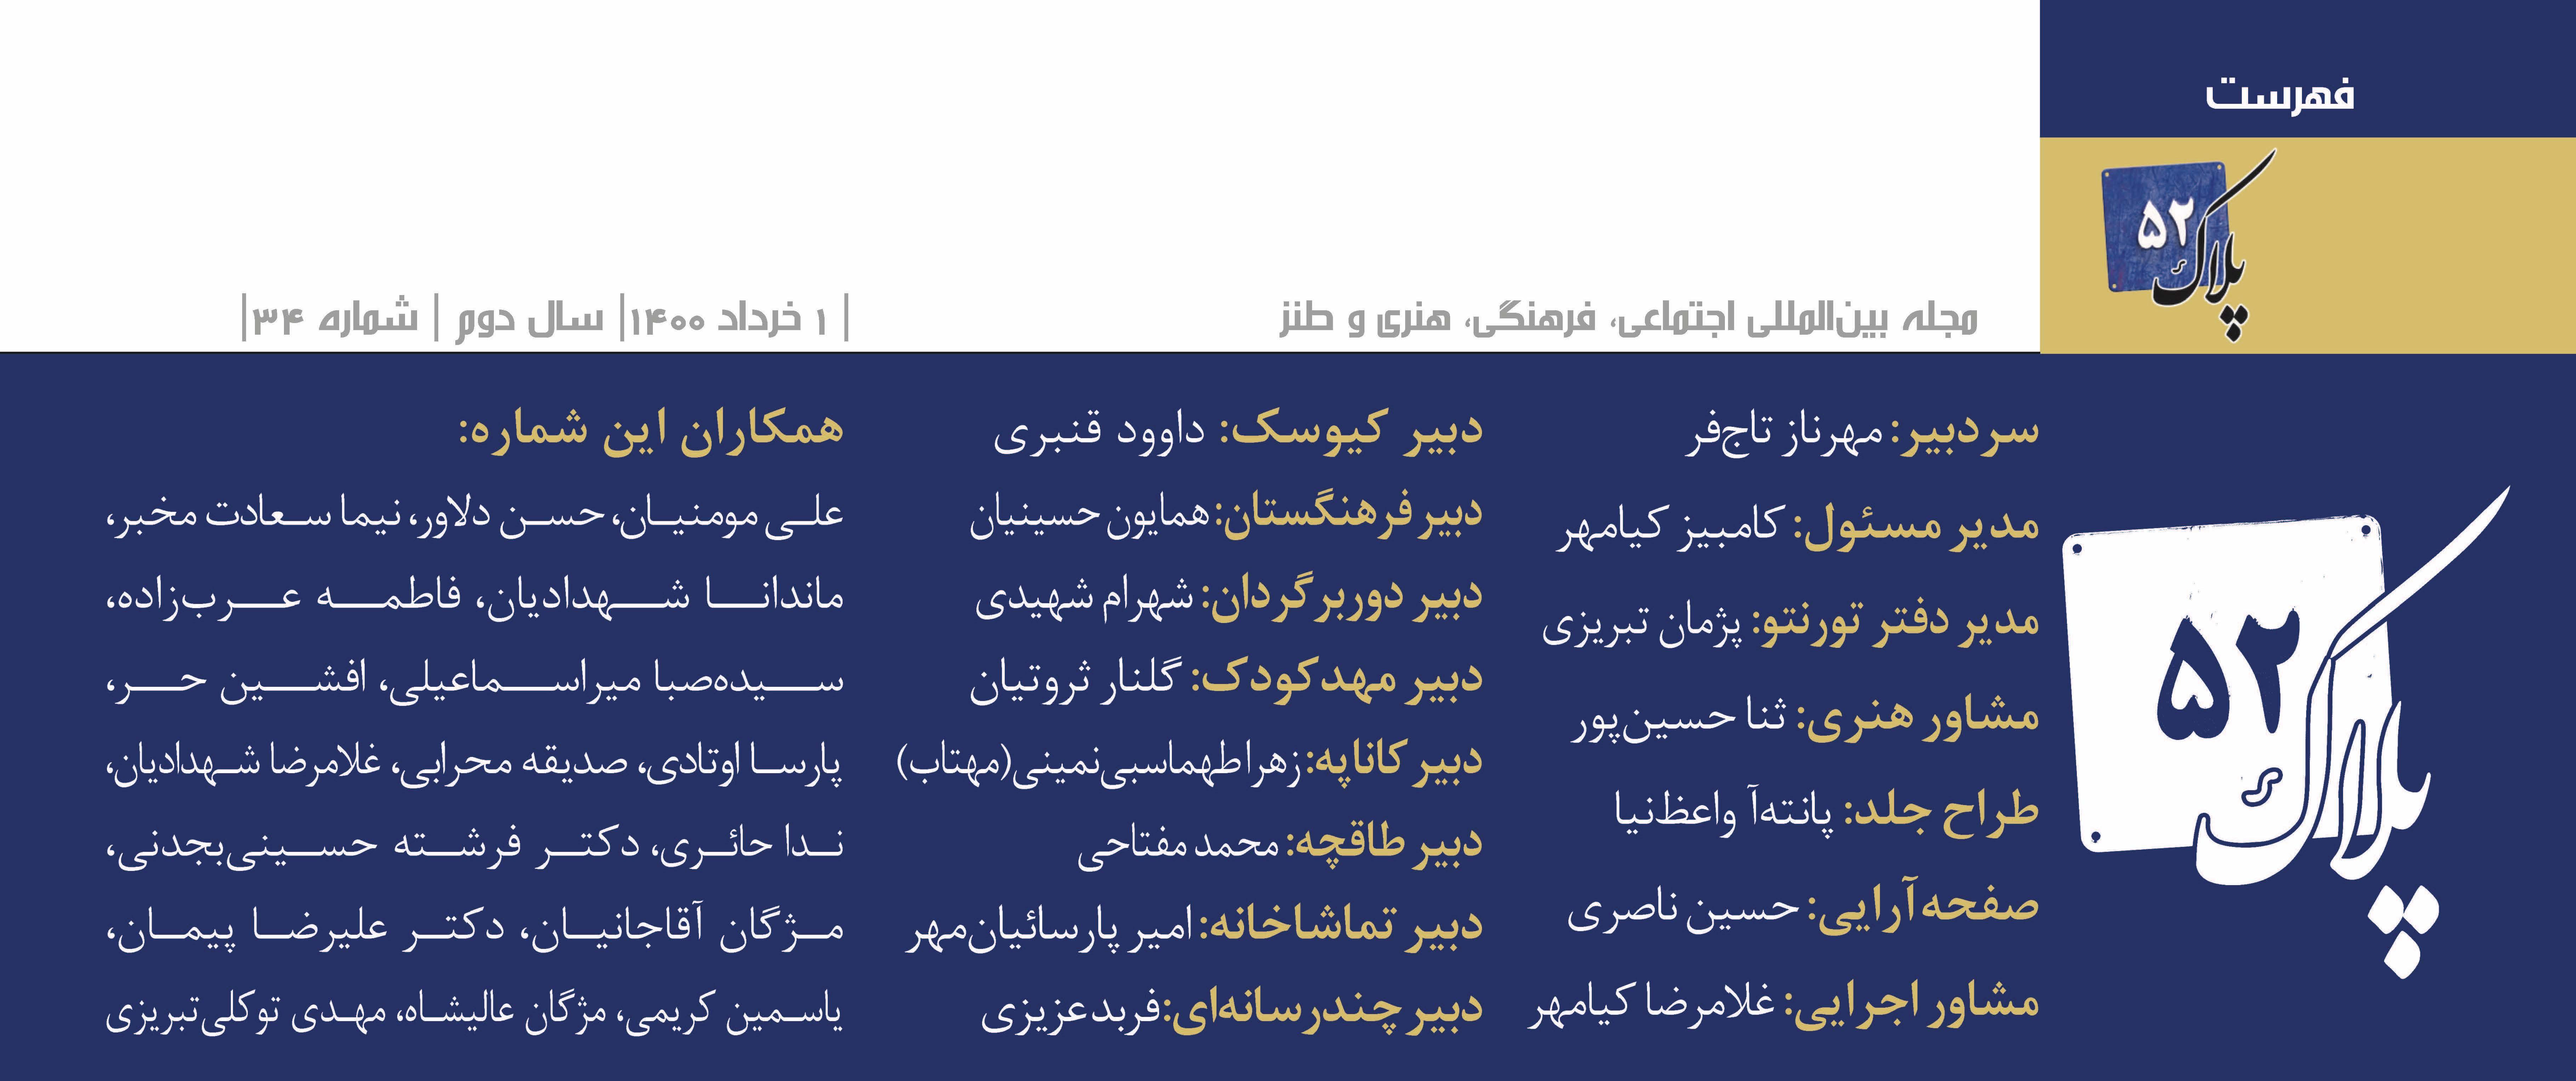 هیات تحریریه و همکاران مجله شماره سی و چهارم پلاک ۵۲